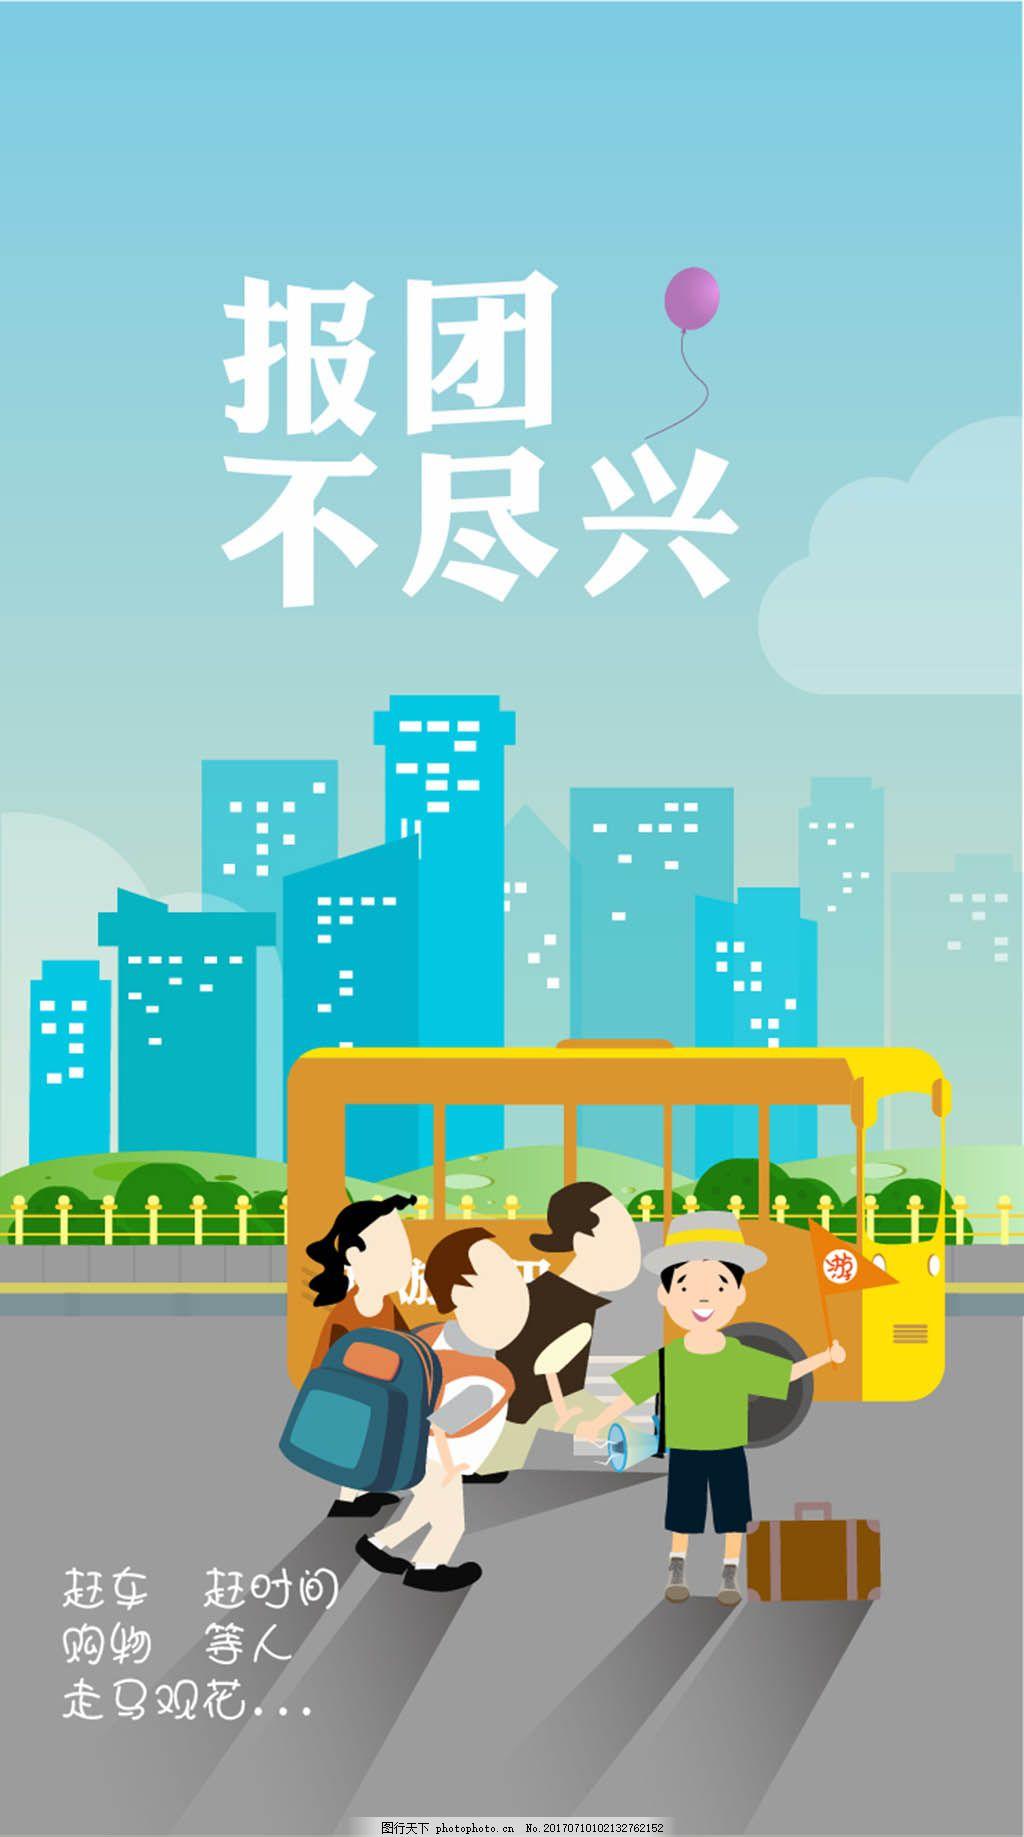 旅游跟团出游H5 报团 出游海报 大巴车出游